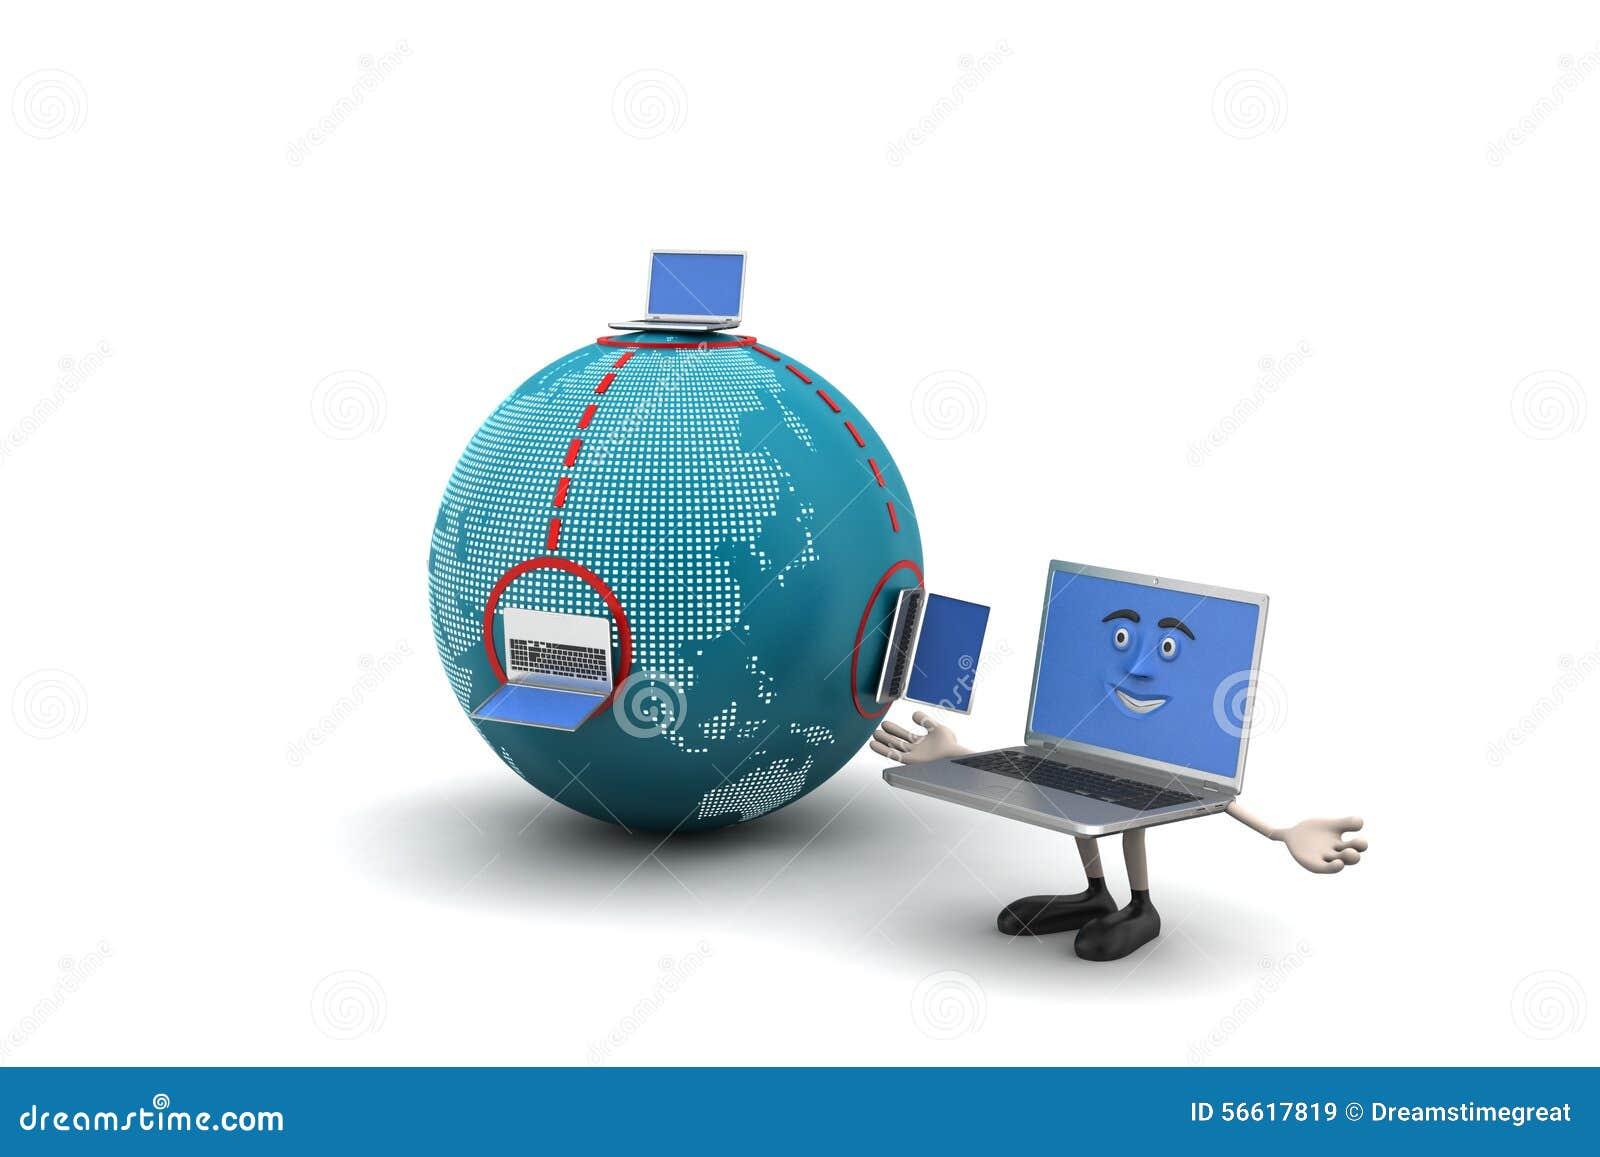 Globaal voorzien van een netwerkconcept stock illustratie afbeelding 56617819 - Een wasruimte voorzien ...